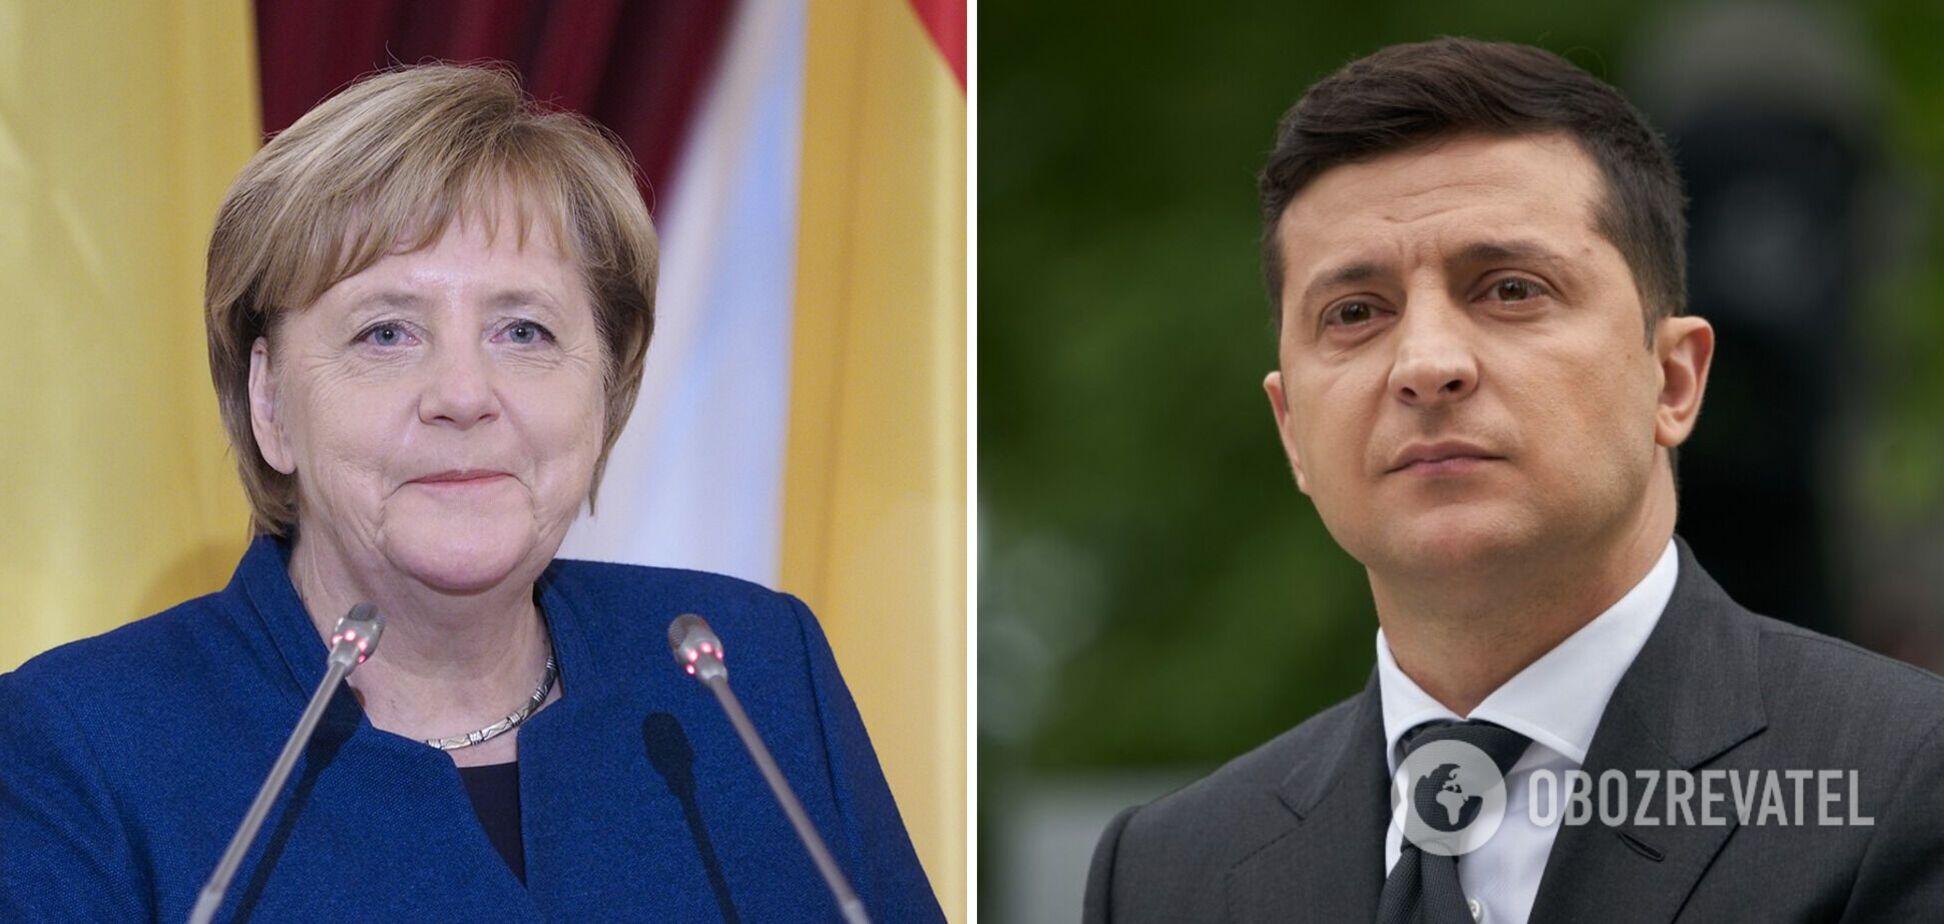 Потребует ли Меркель принятия 'формулы Штайнмайера'? Кулеба сделал категоричное заявление